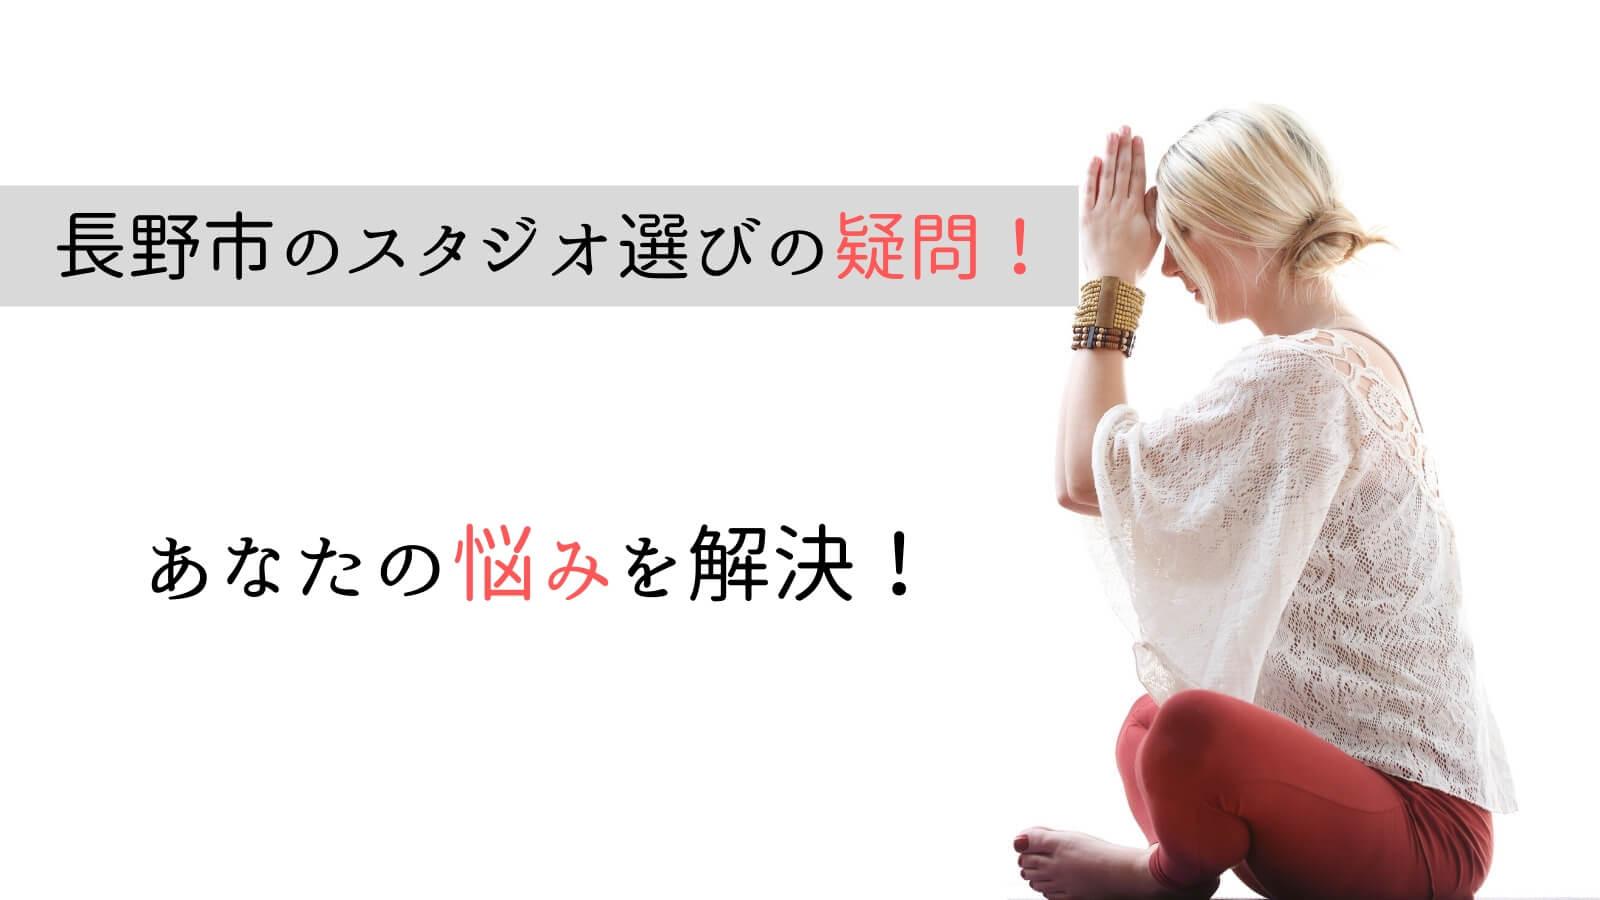 長野市でのヨガ・ホットヨガスタジオ選びに関するQ&A